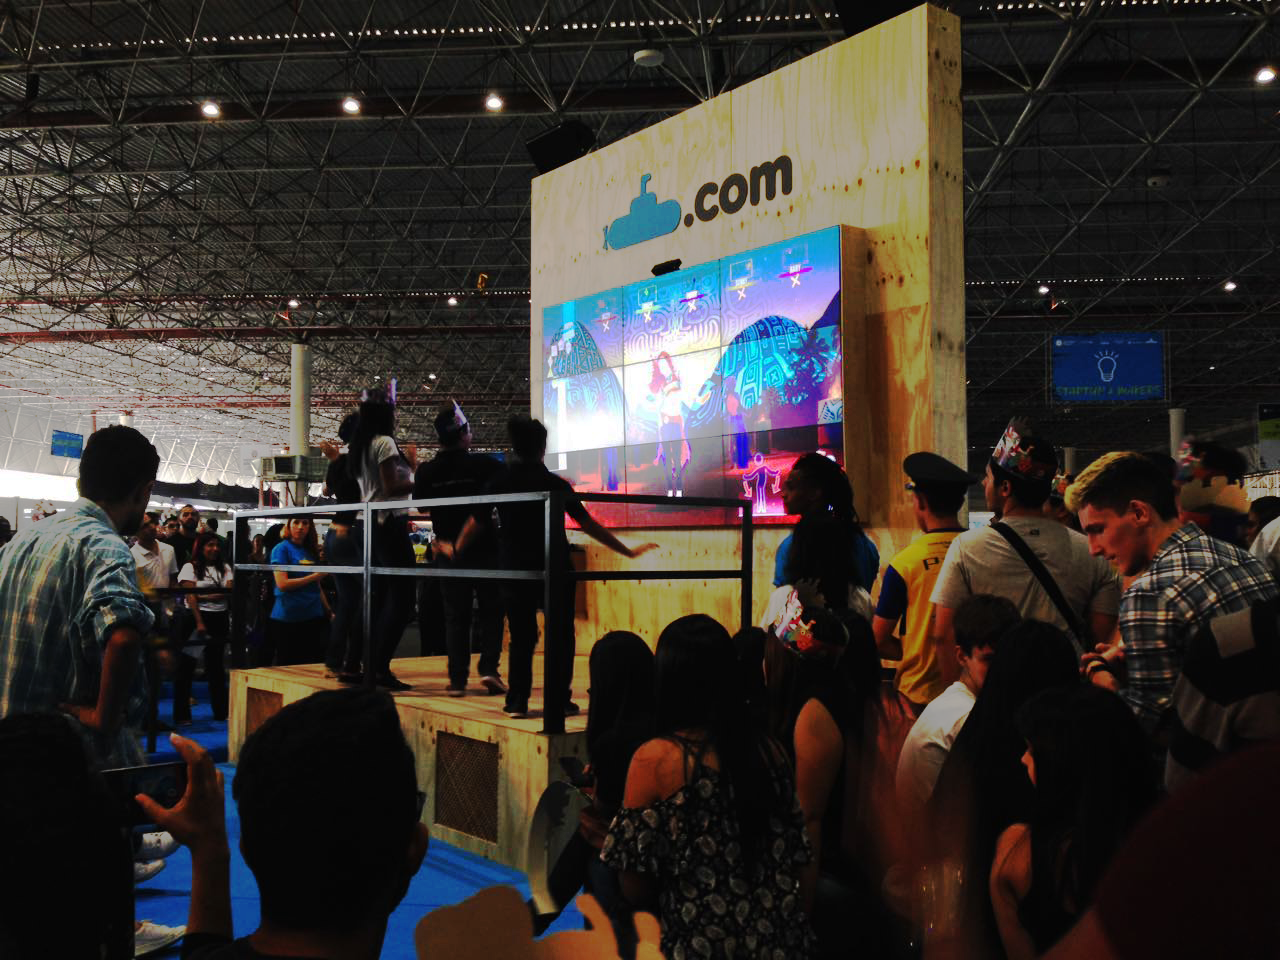 Campeonato de dança: final será realizada em palco principal (Créditos: Veja São Paulo)